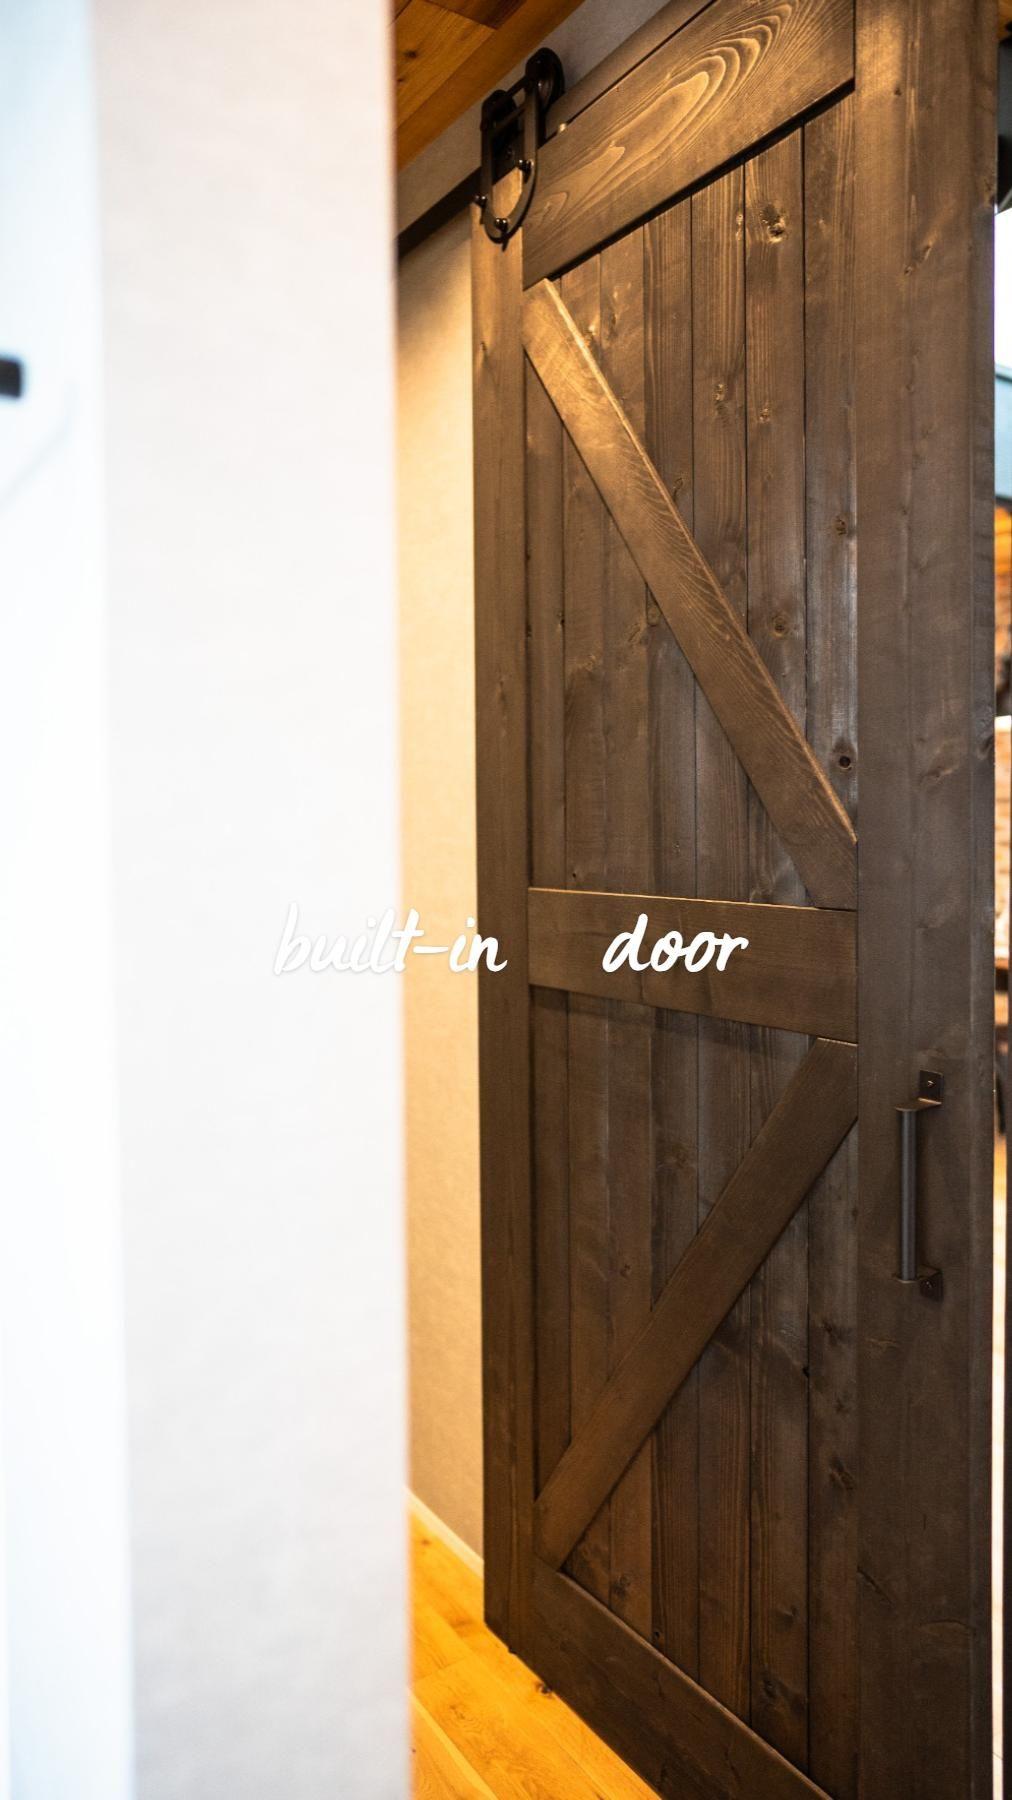 various built-in door